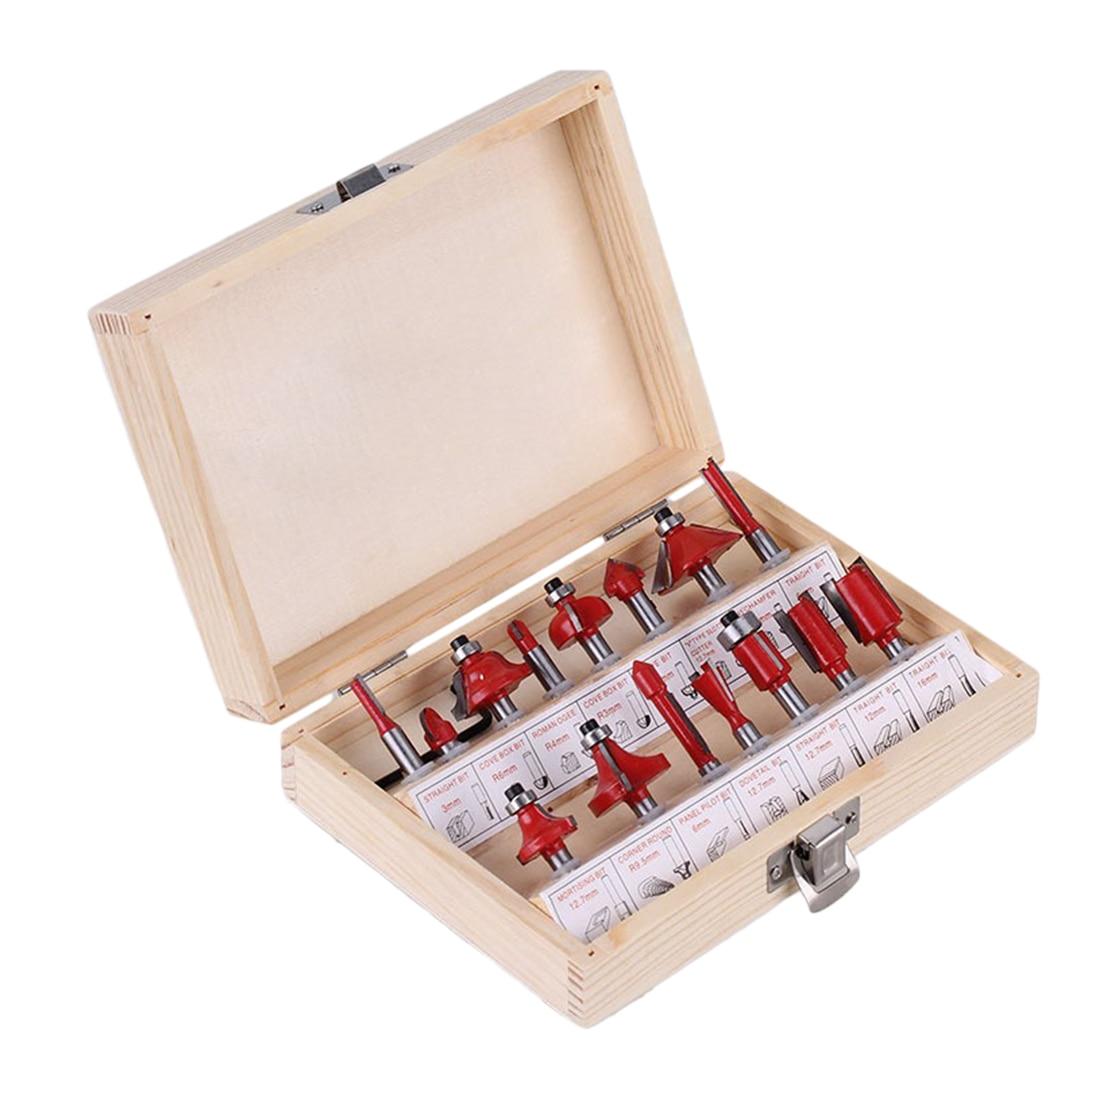 Wood Cutter Carbide Shank 15pcs Set 8mm Diameter Milling Cutter Router Bit Set Mill Woodworking Engraving